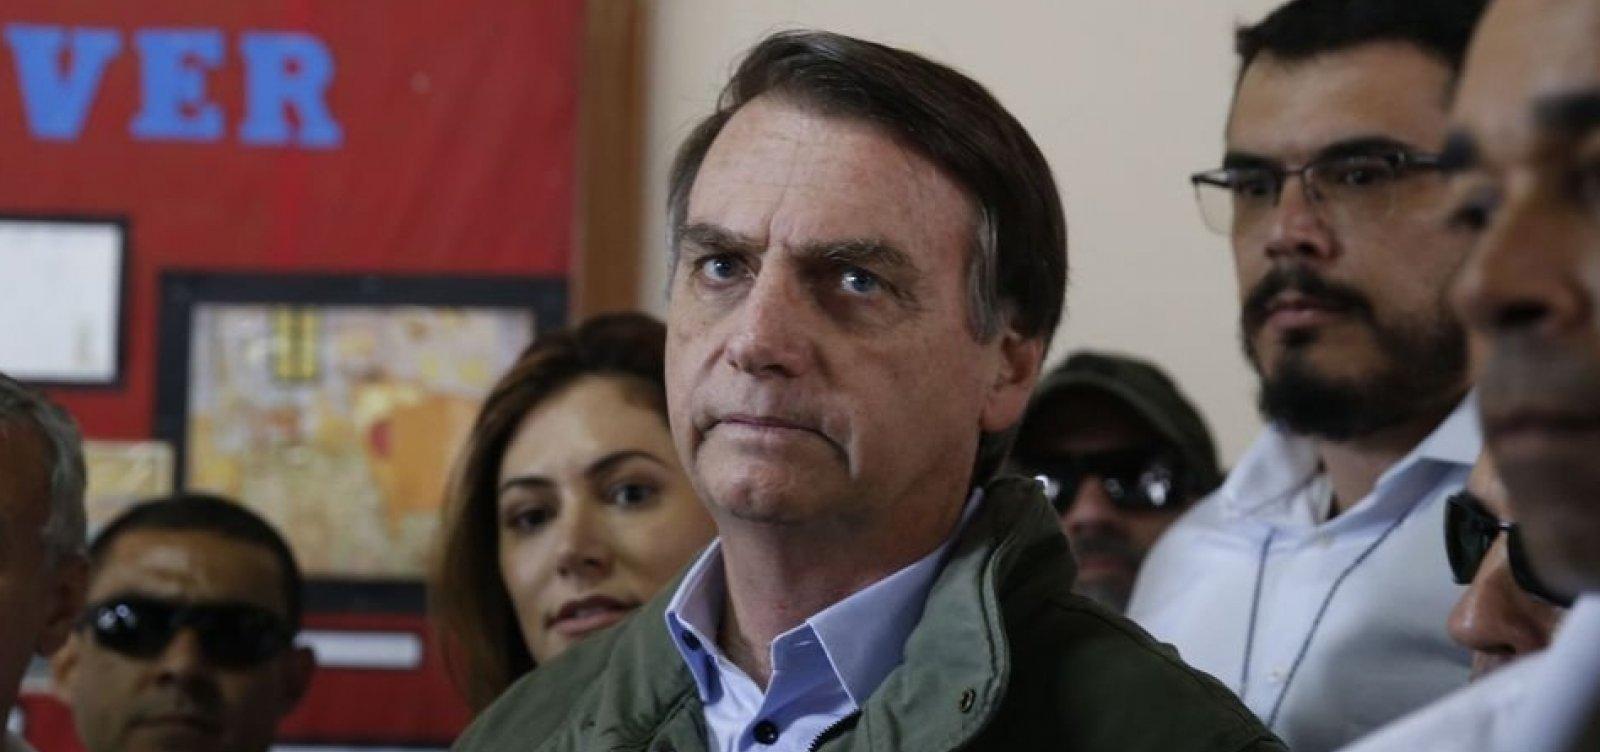 [Eleição de Bolsonaro representa 'enorme risco', segundo Anistia Internacional]